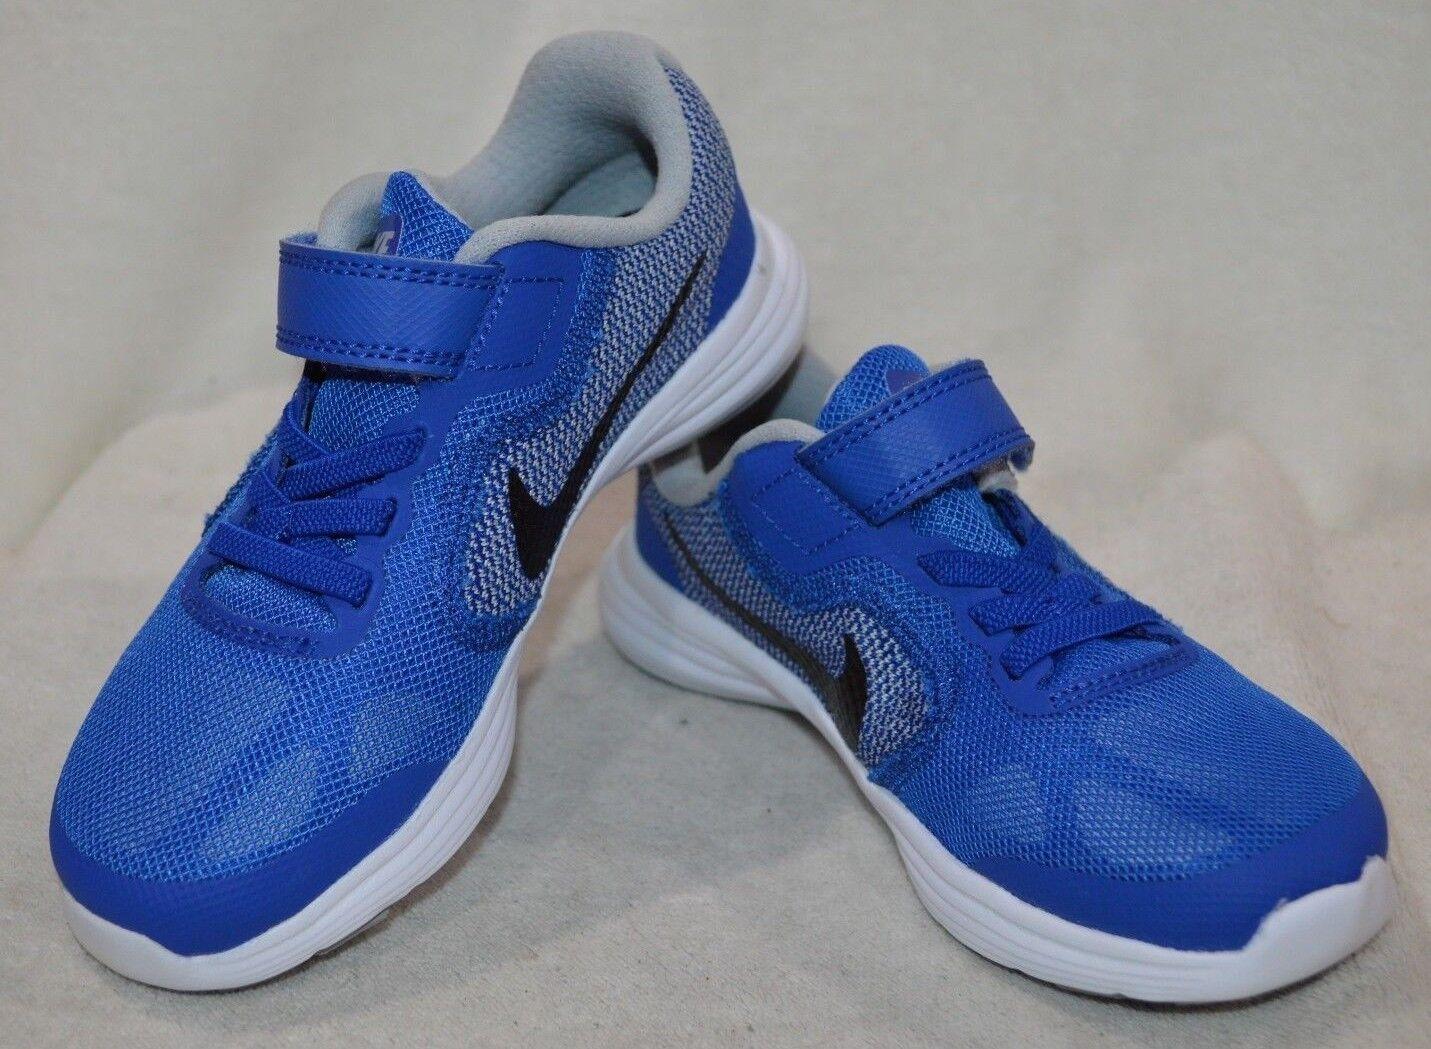 3Y Shoe Size: 1Y 819414 402 Nike Boy/'s REVOLUTION 3 PSV 2Y